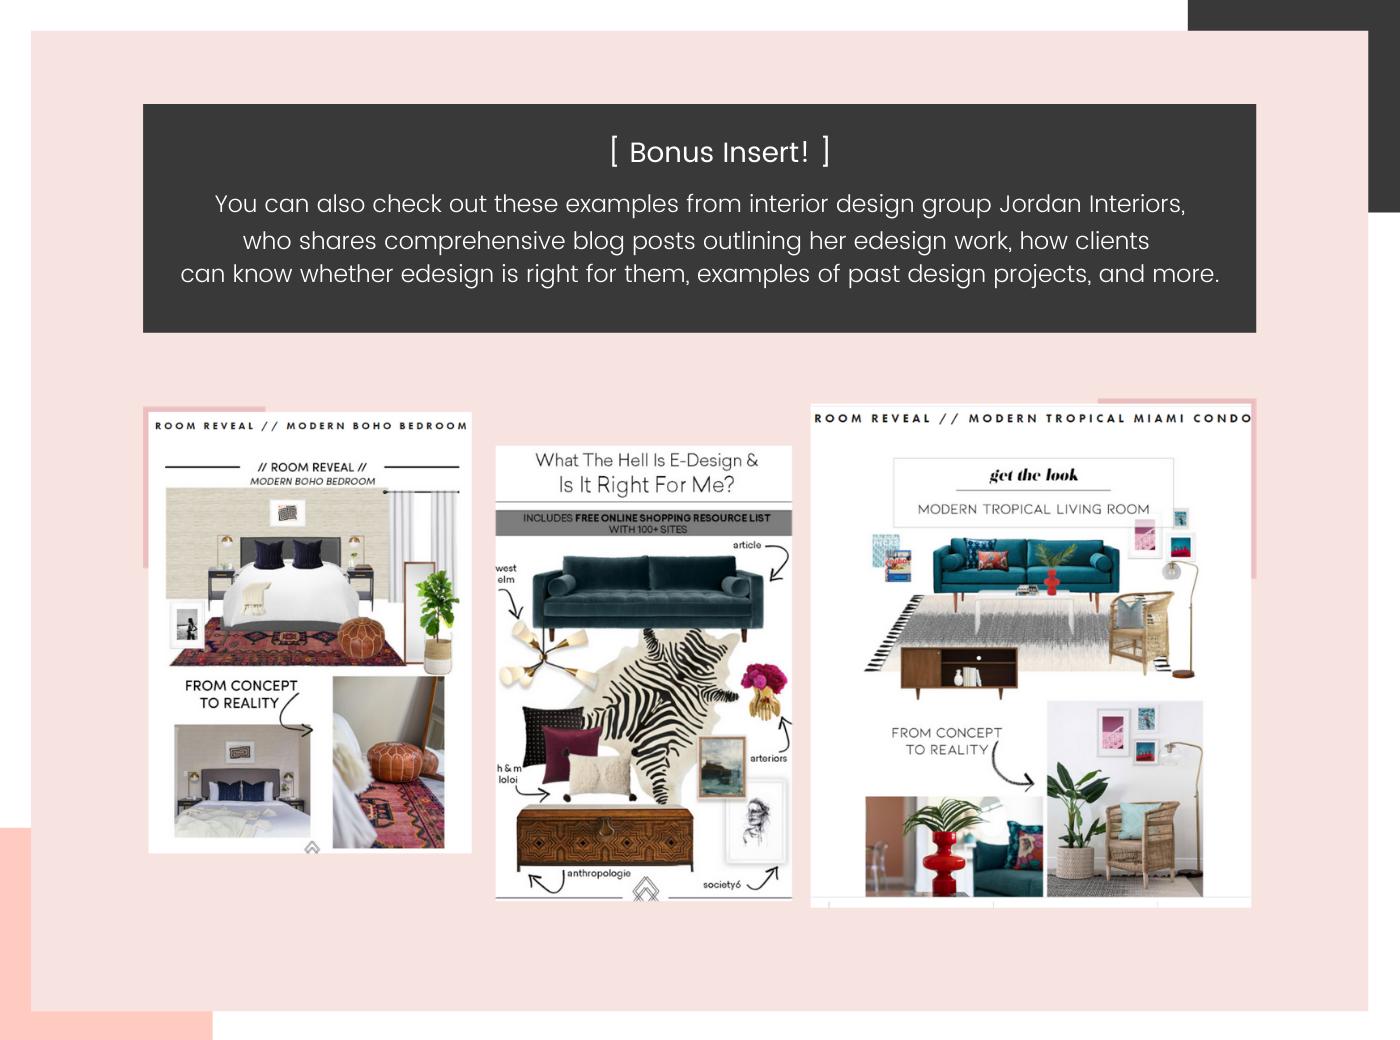 online interior design example